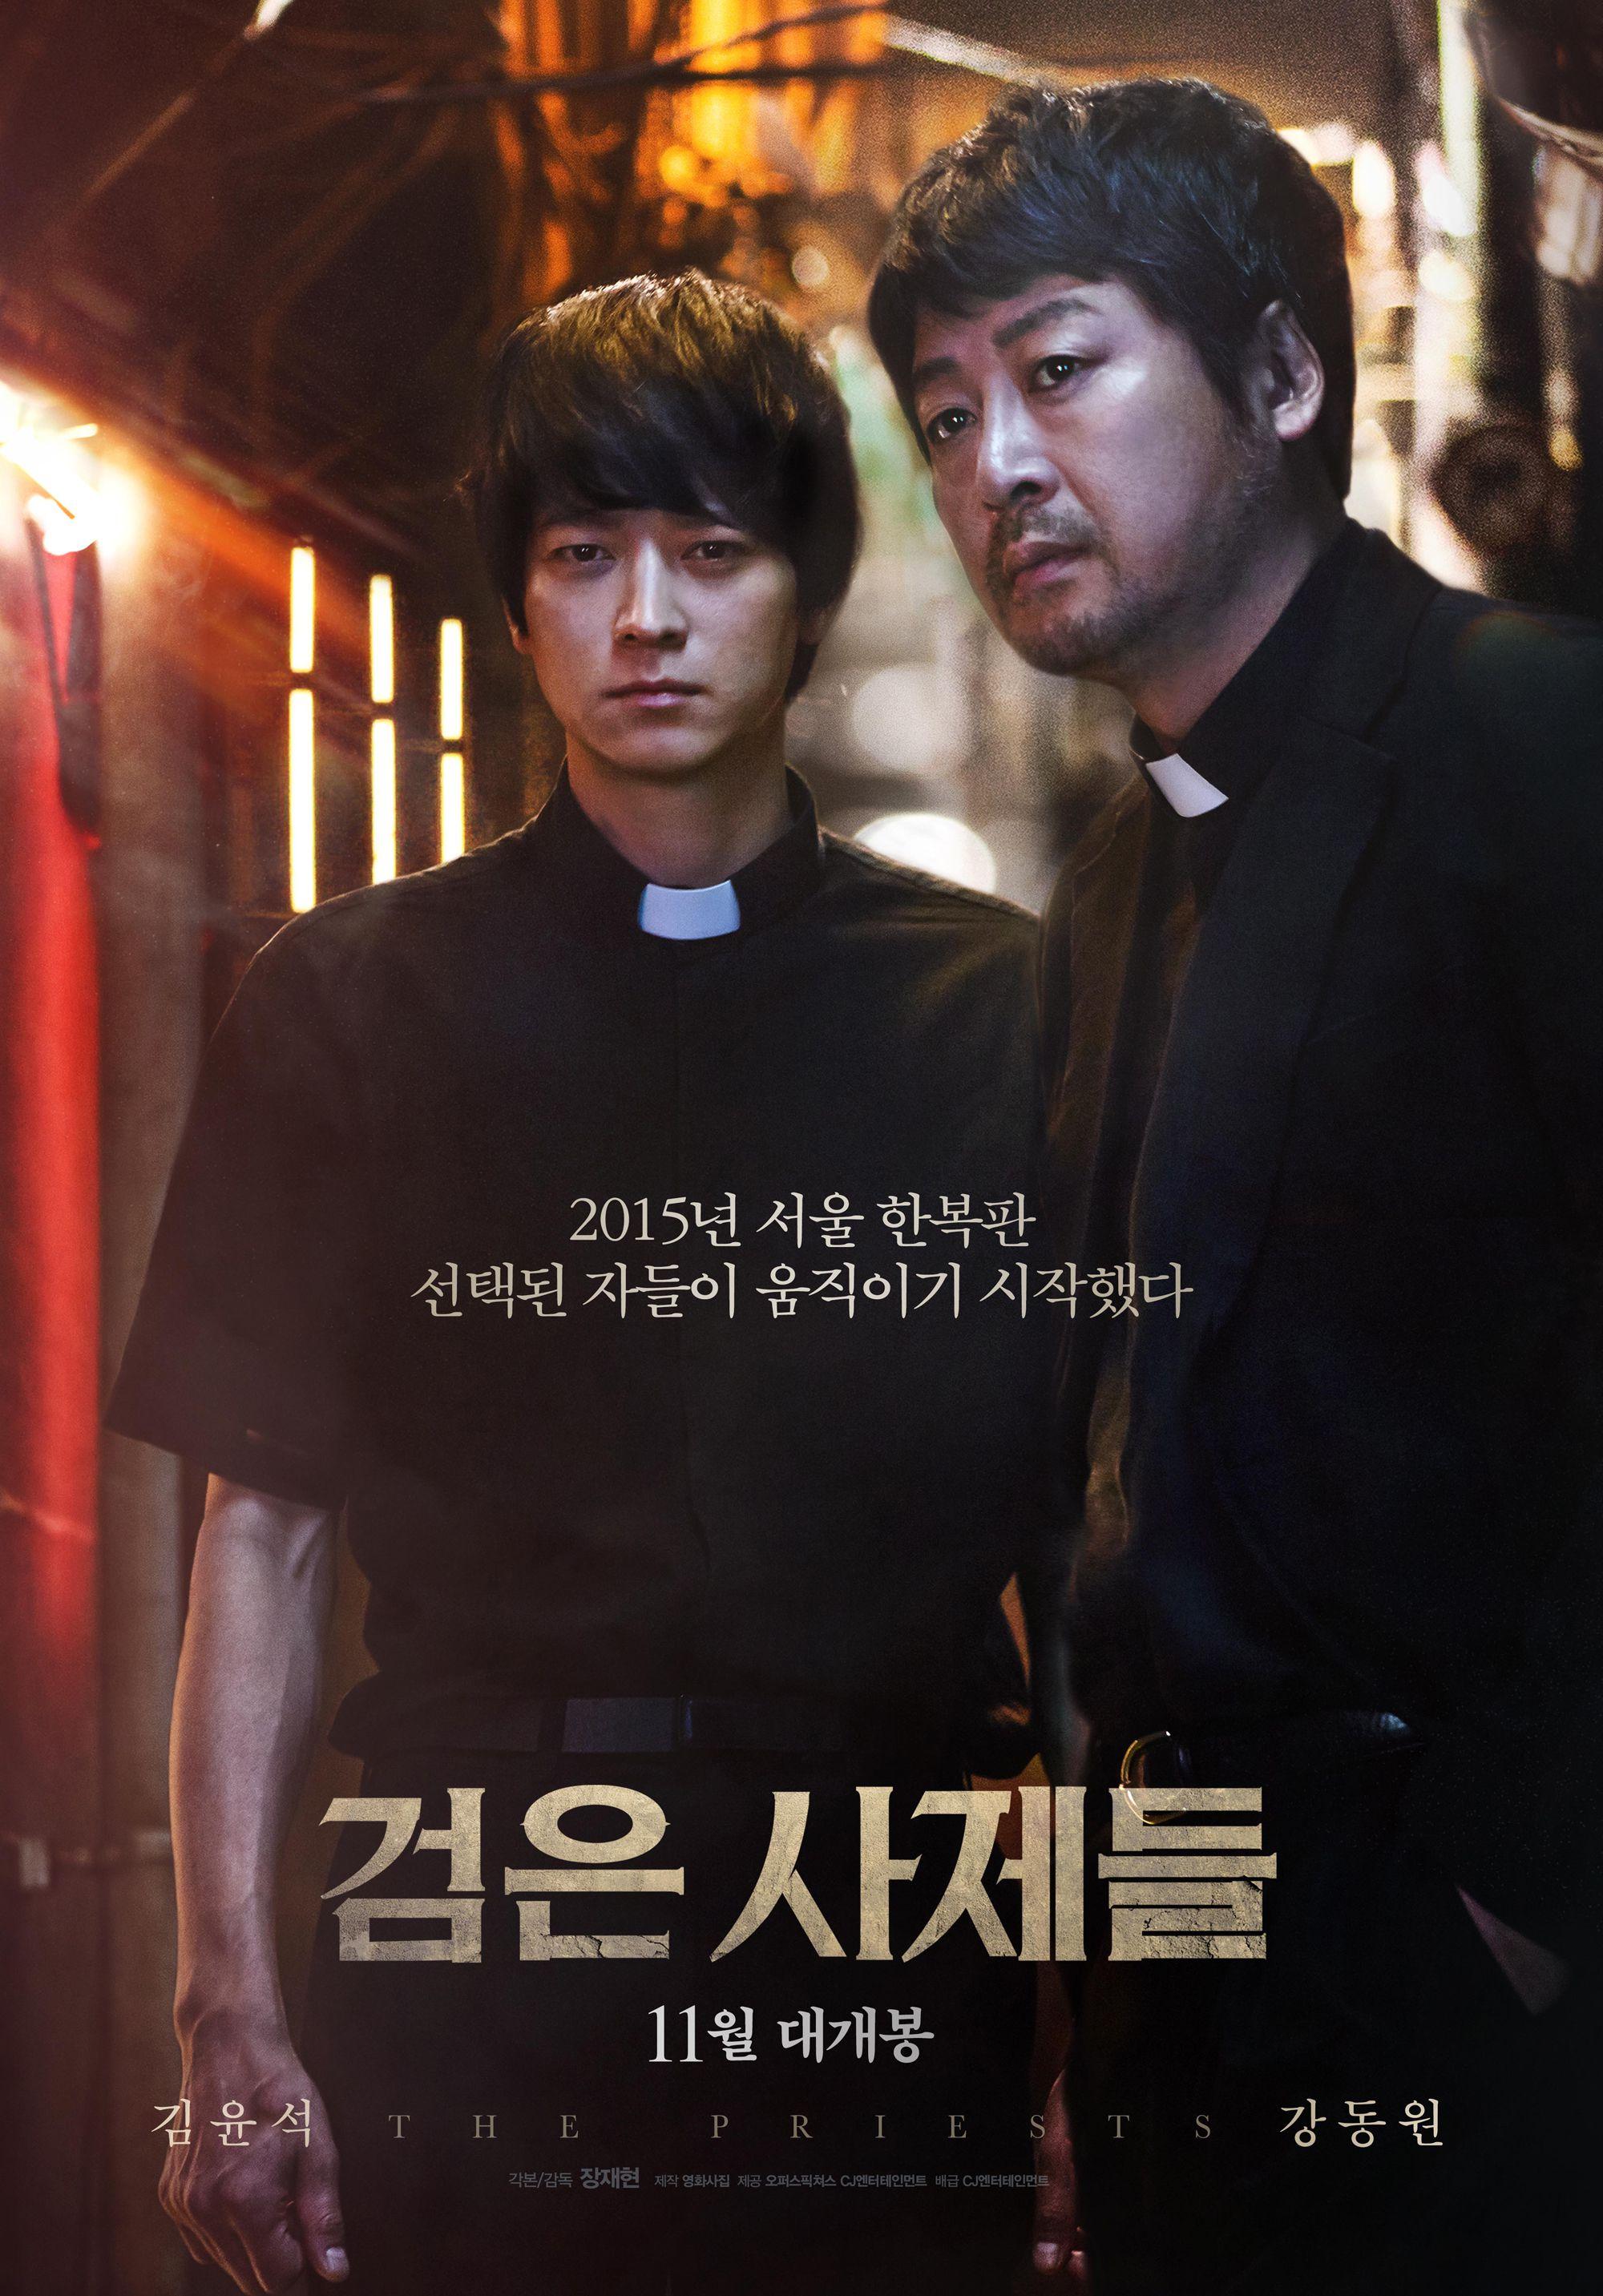 The Priests-p1.jpg